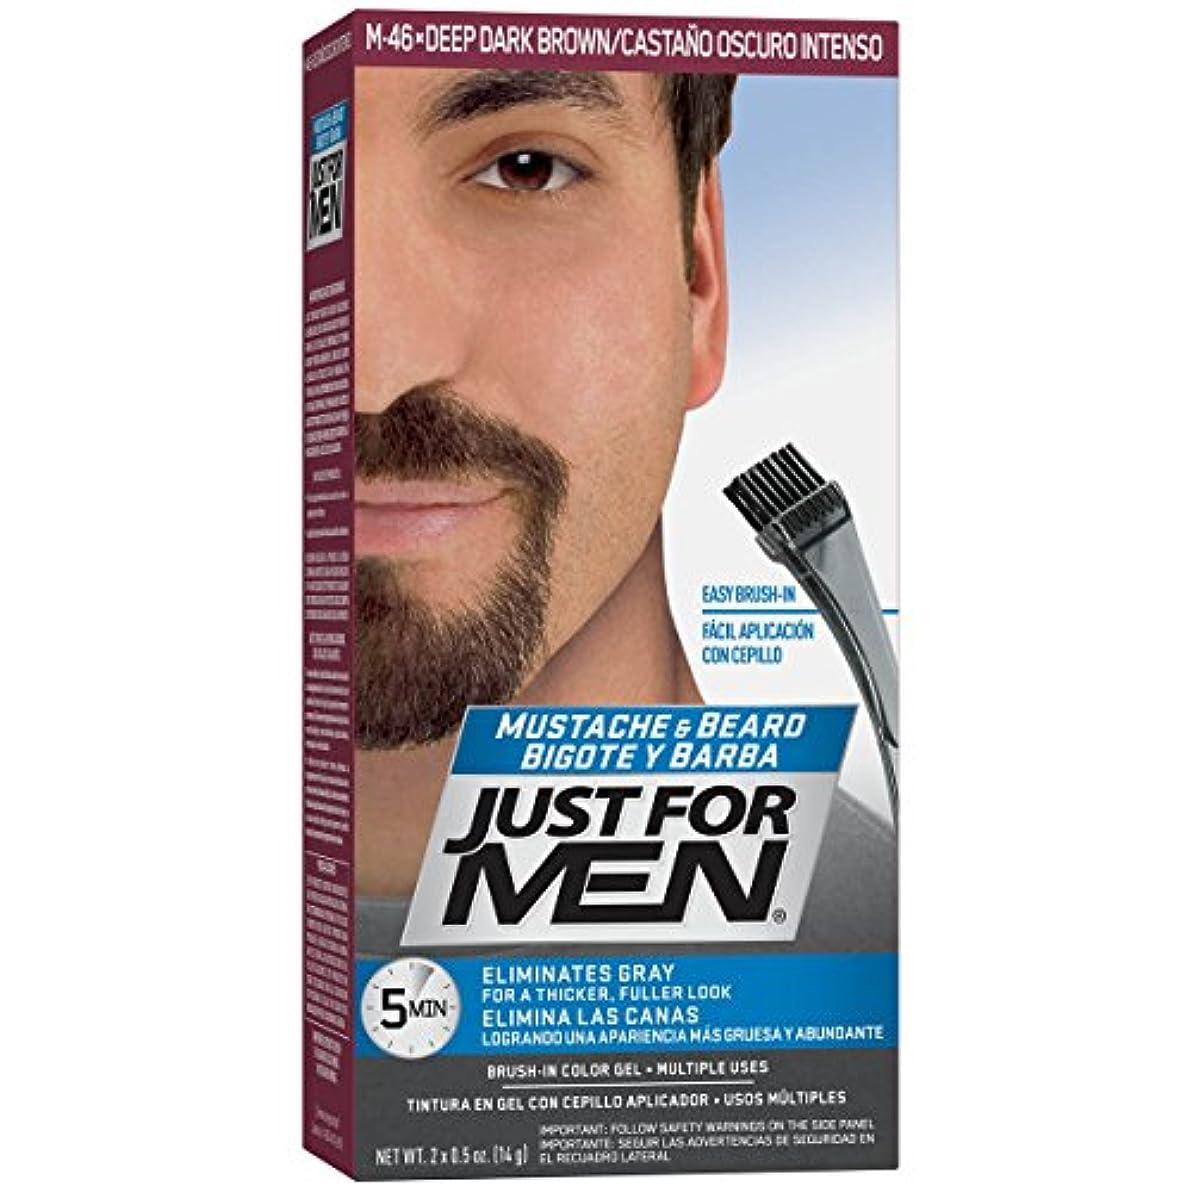 どこか対立共感するJust for Men 口ひげ&髭ブラシ-のカラージェル、ディープダークブラウン(梱包が変更になる場合があります)